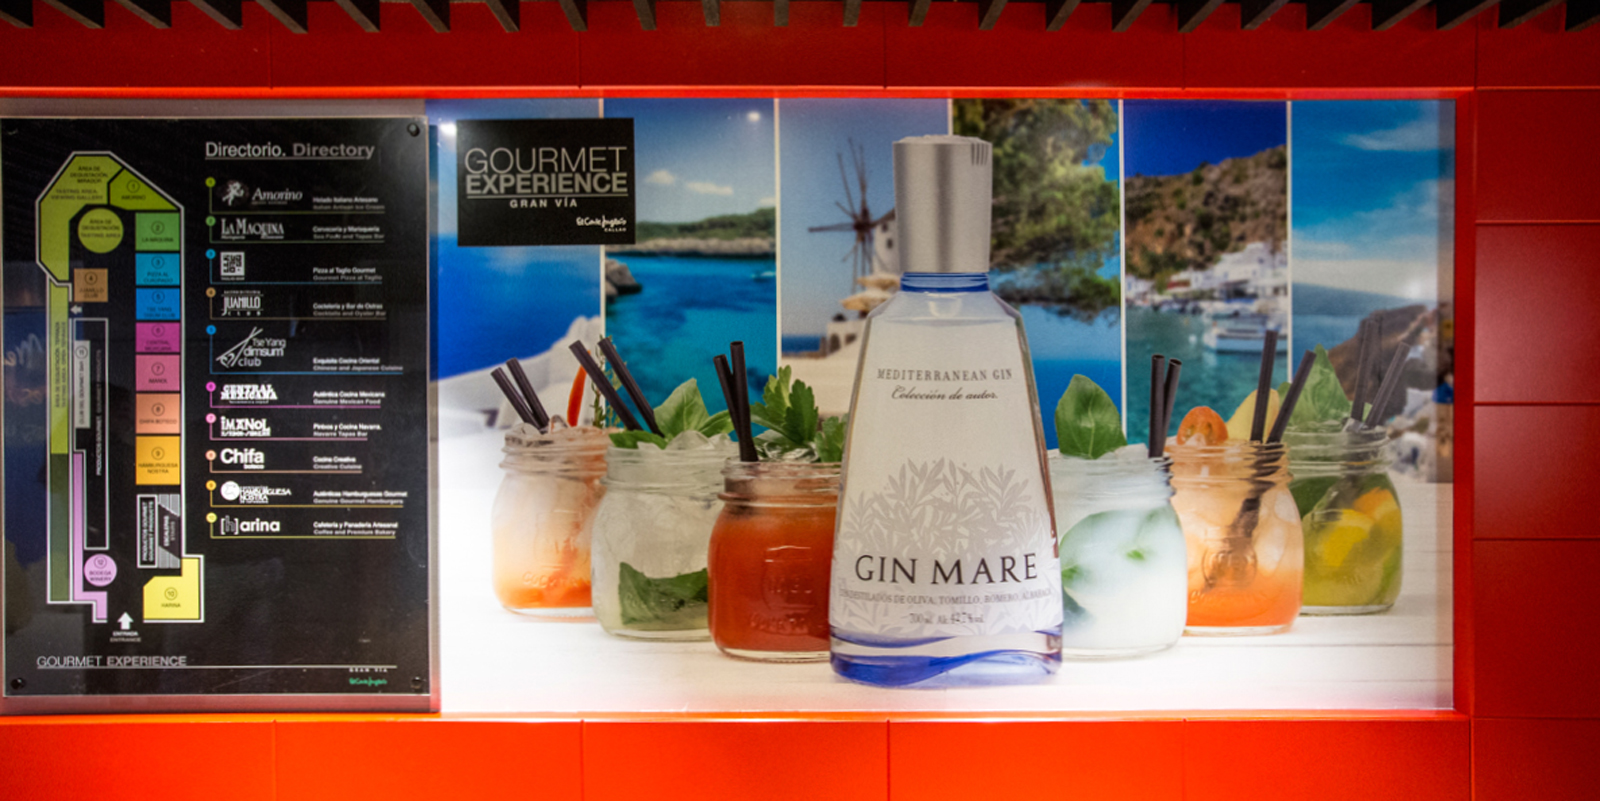 Cartel Gin Mare en Gourmet Experience El Corte Inglés